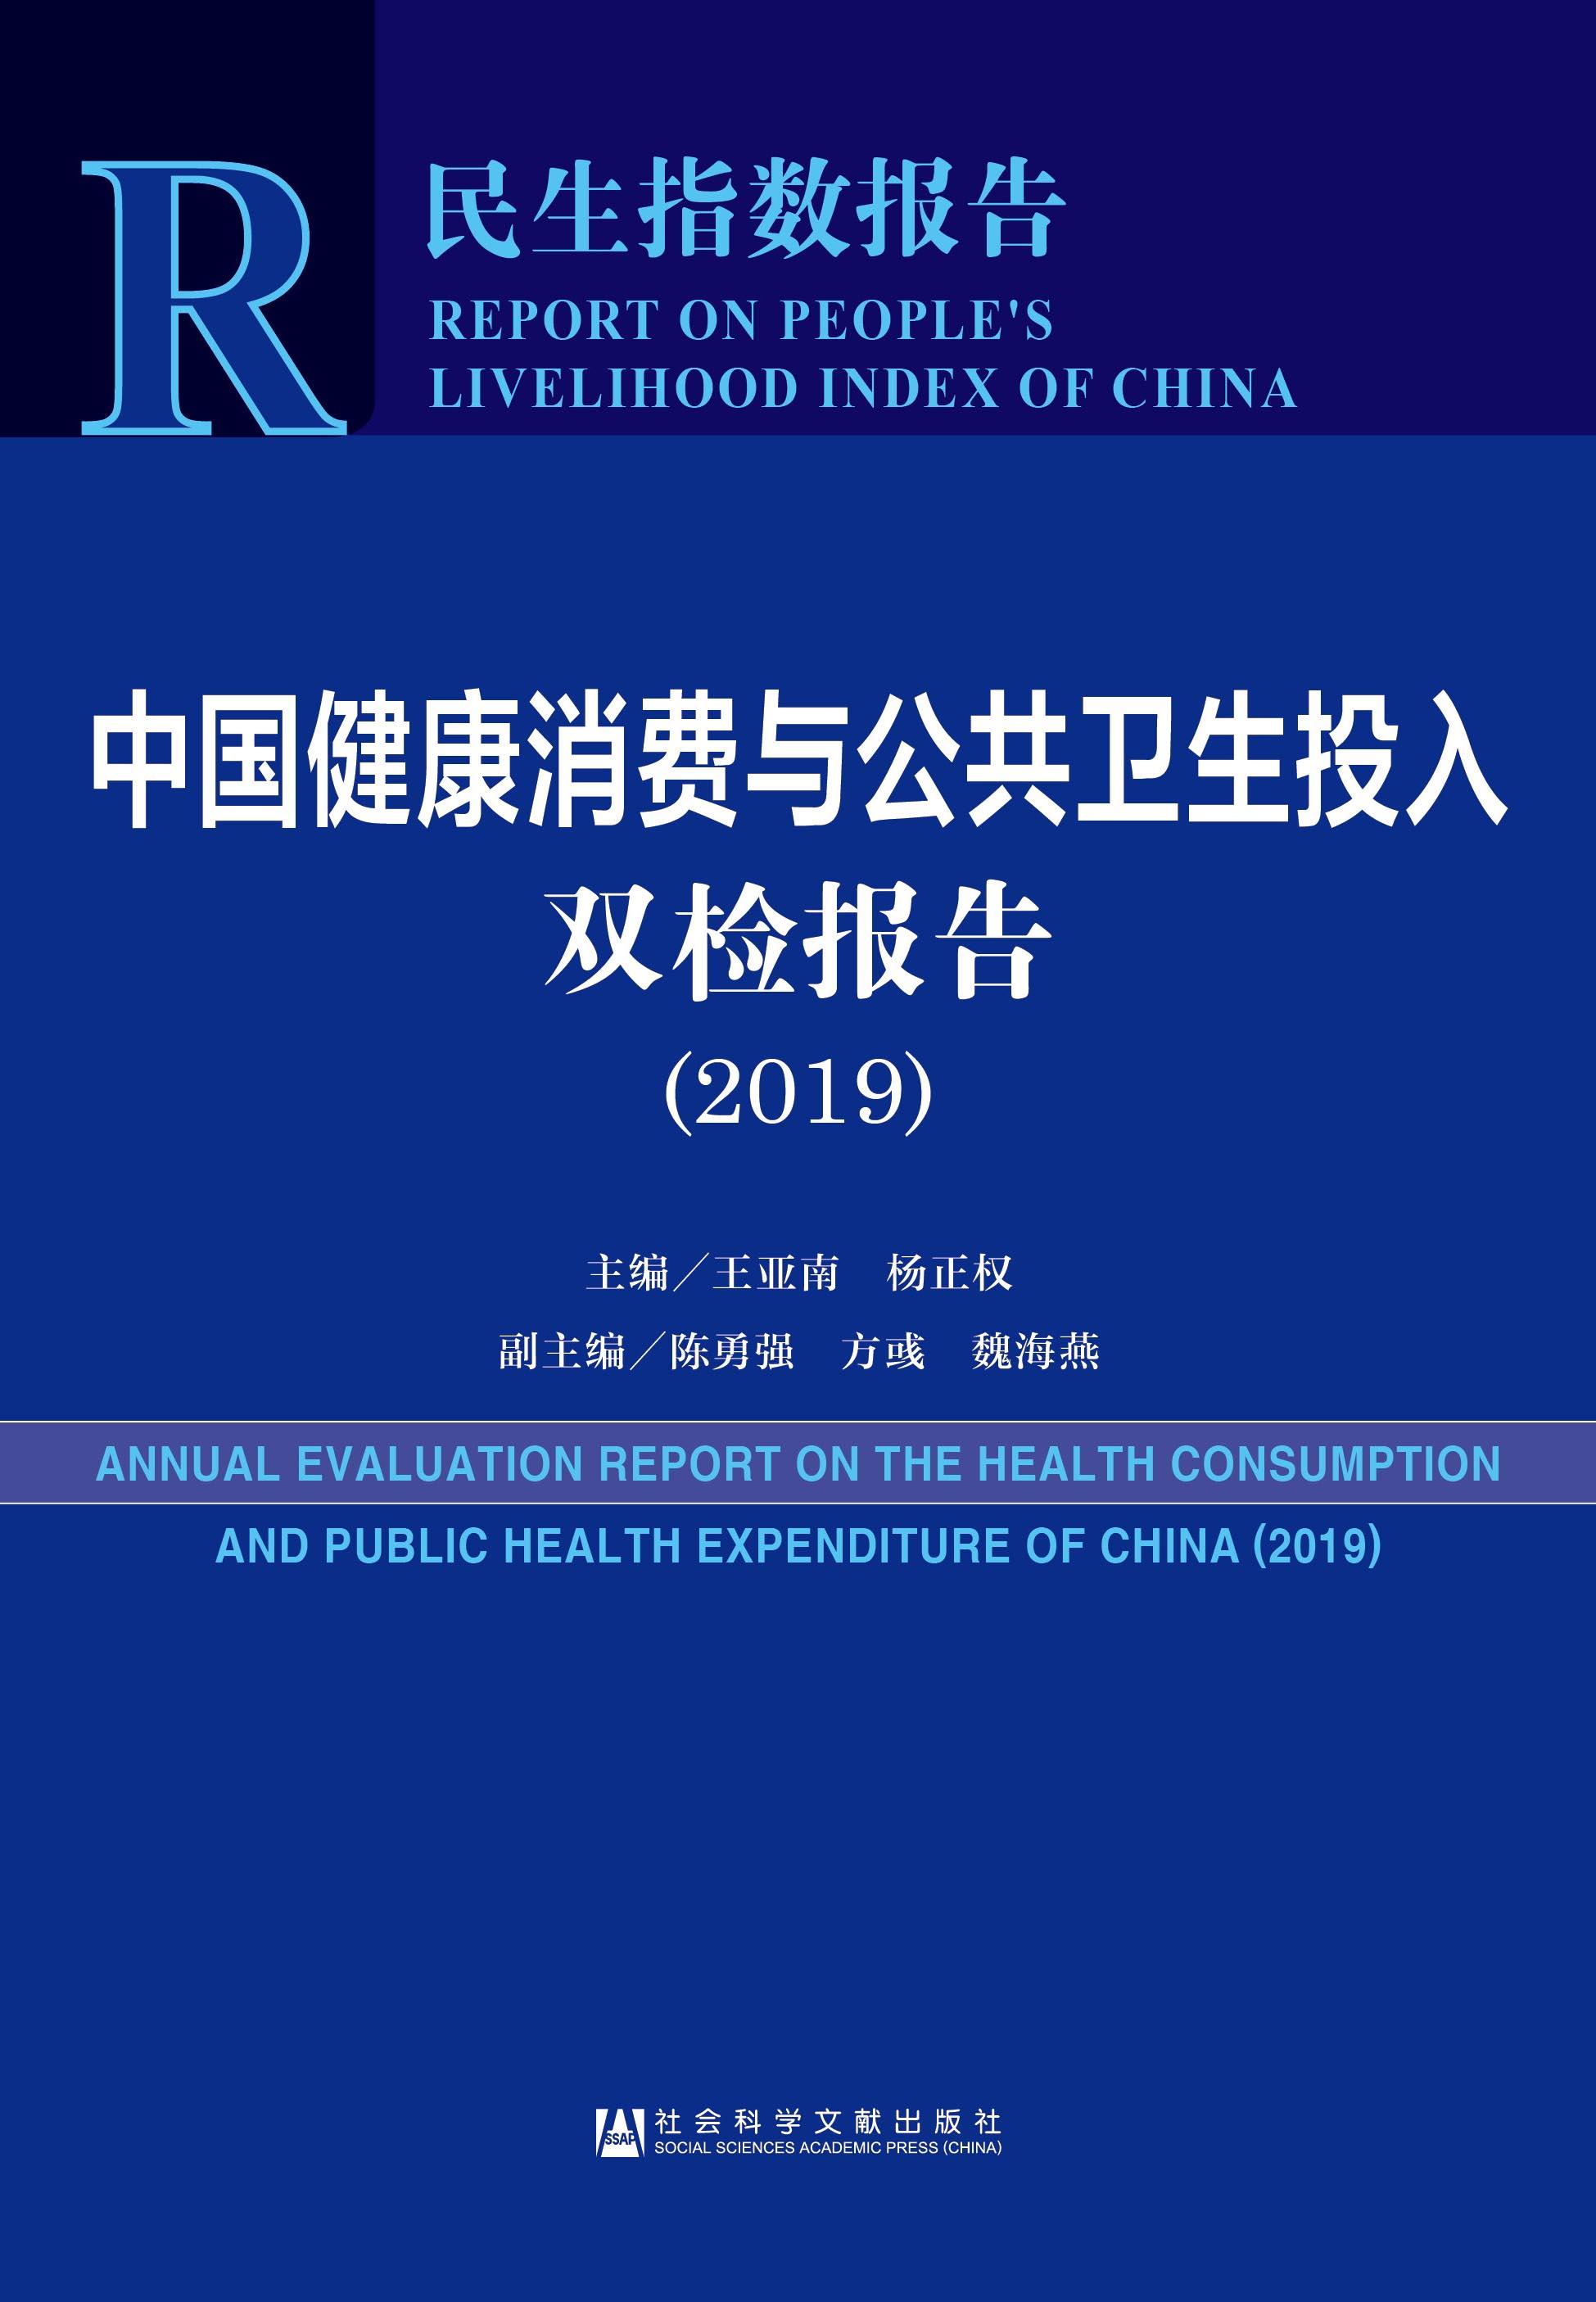 中国健康消费与公共卫生投入双检报告(2019)